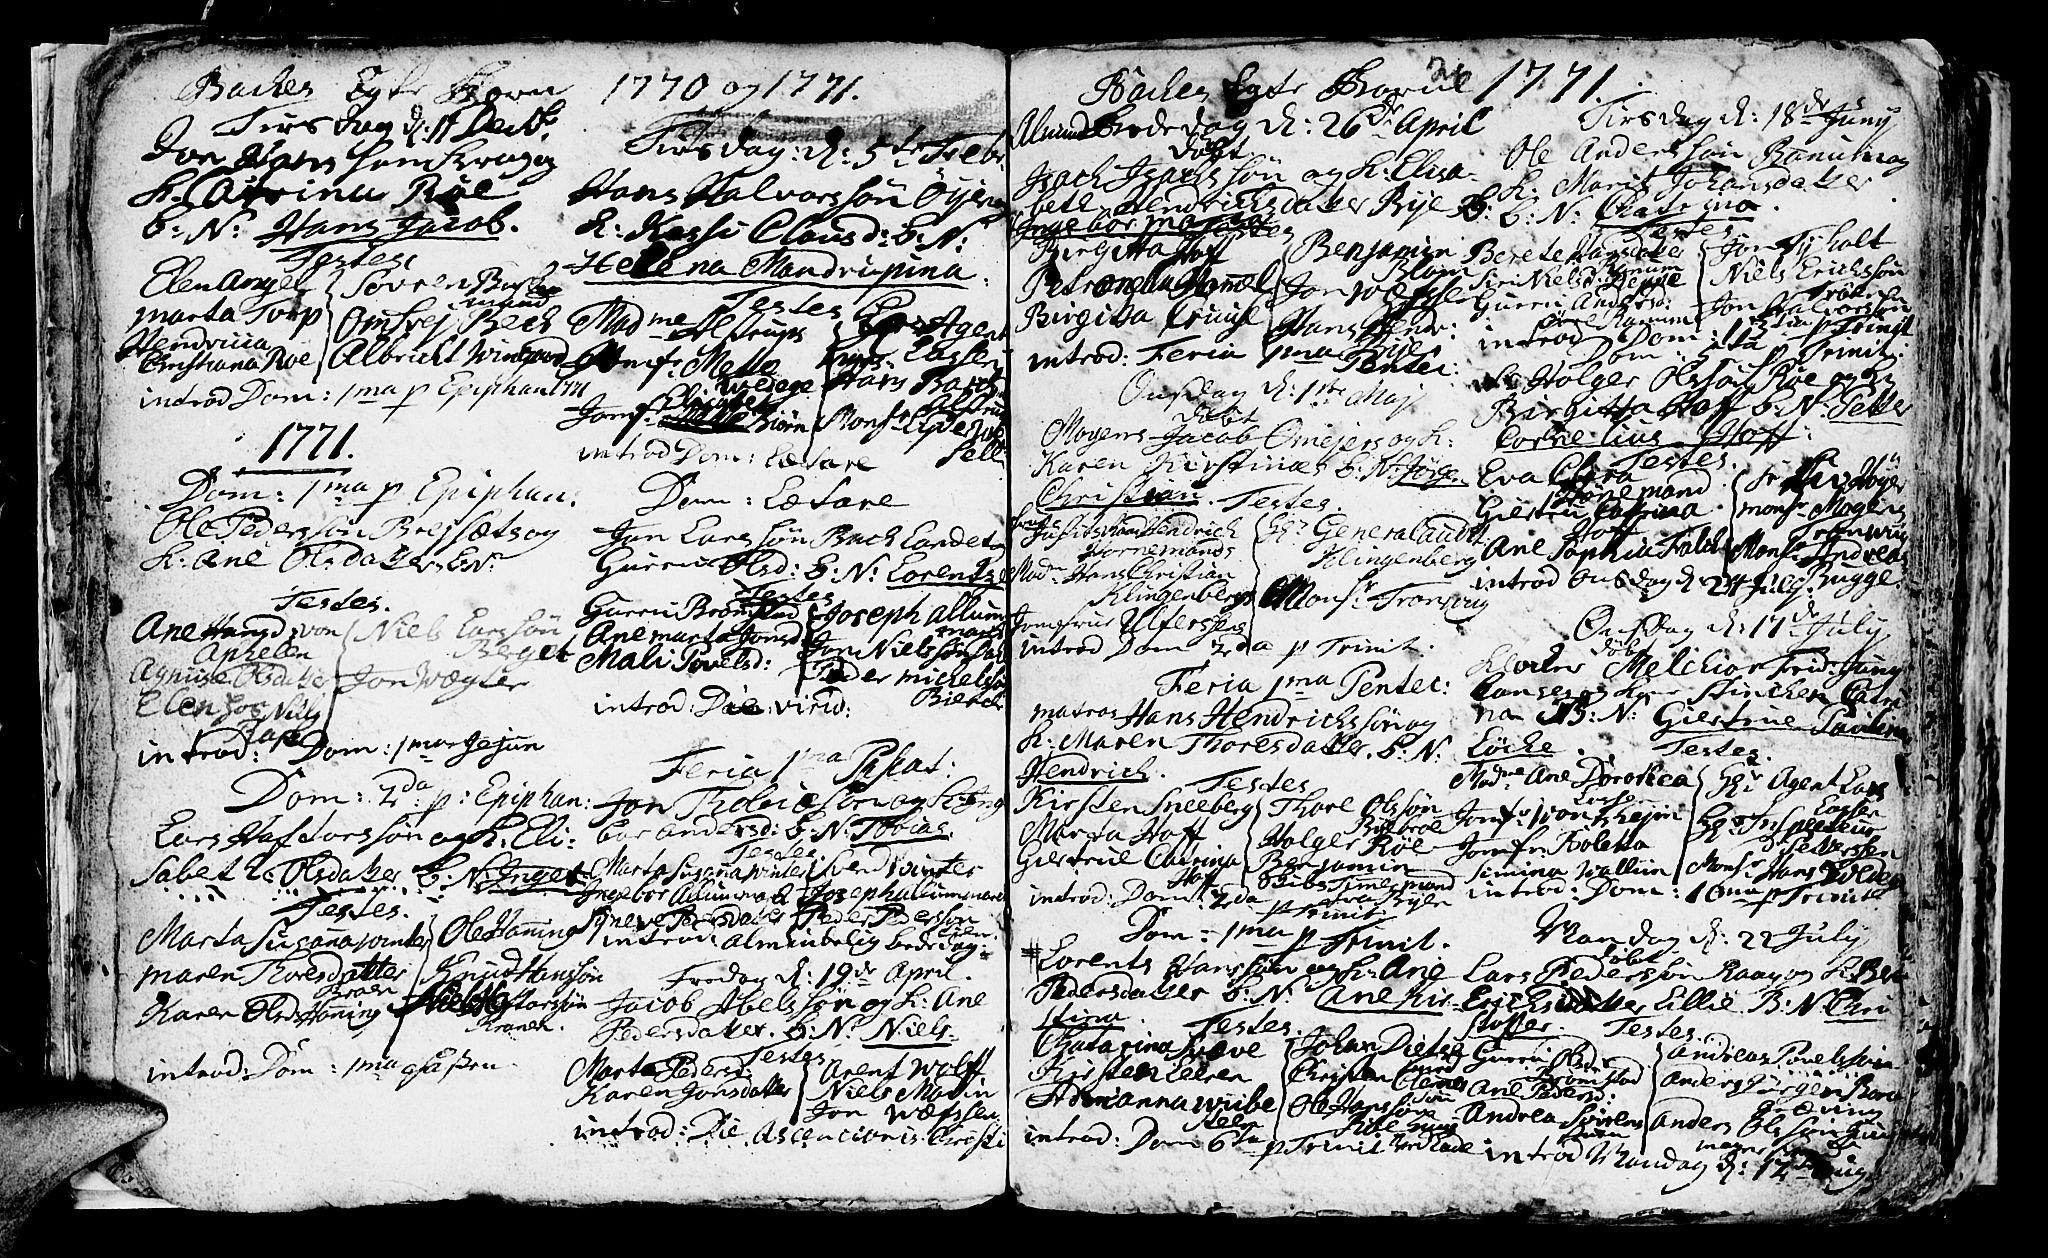 SAT, Ministerialprotokoller, klokkerbøker og fødselsregistre - Sør-Trøndelag, 604/L0218: Klokkerbok nr. 604C01, 1754-1819, s. 26